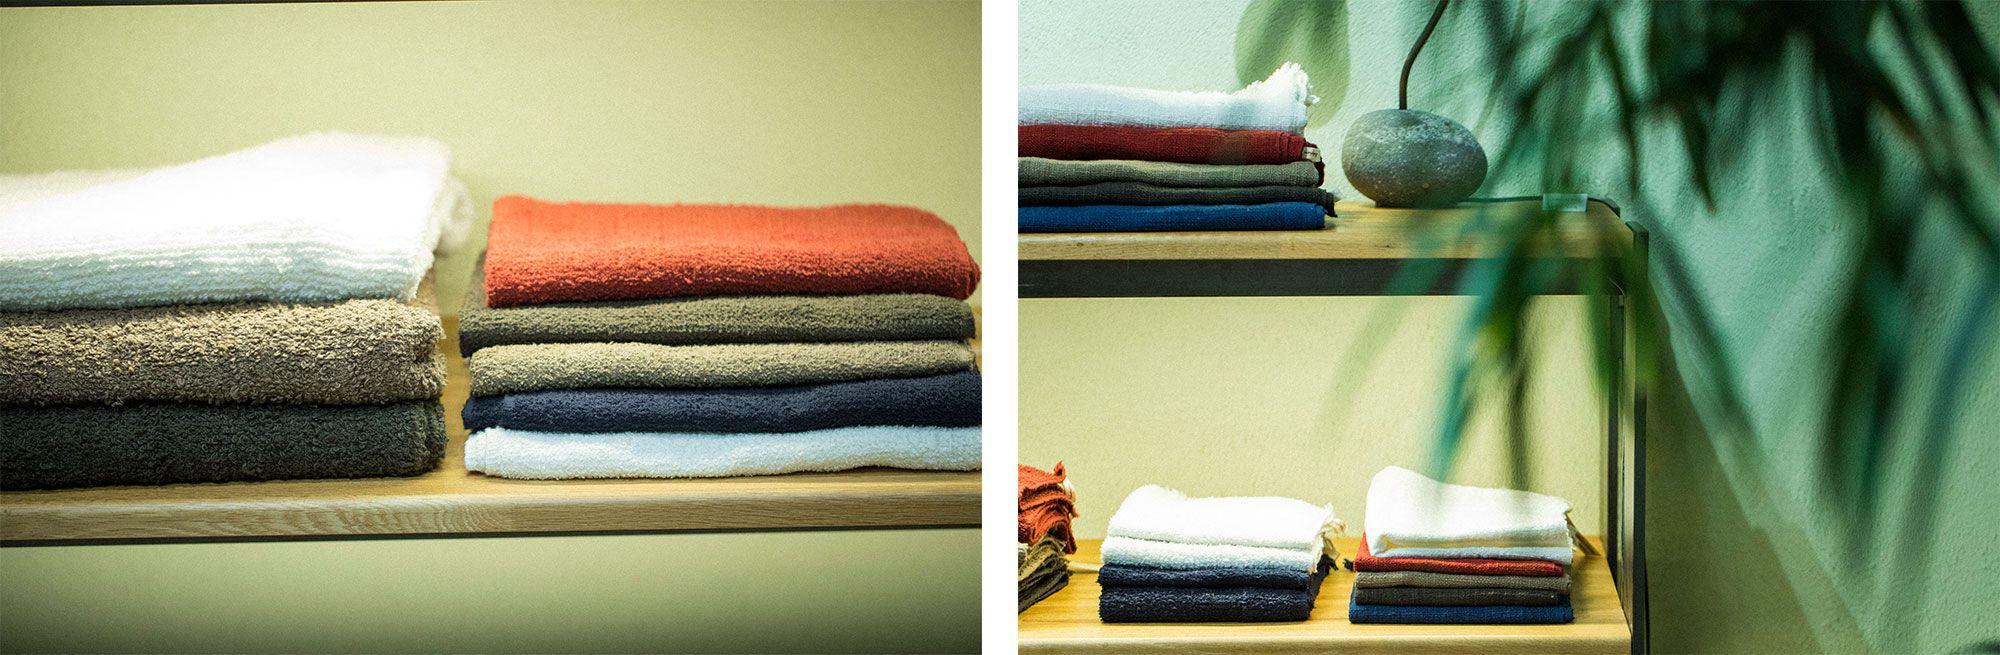 インド産のコットンをていねいに手紡ぎで糸に仕上げ、手織りで織られたタオル。手紡ぎ糸は、表面は柔らかく肌にやさしい。ハンドタオル2,700円~、フェイスタオル4,320円~、バスタオル9,288円~(すべて税込)